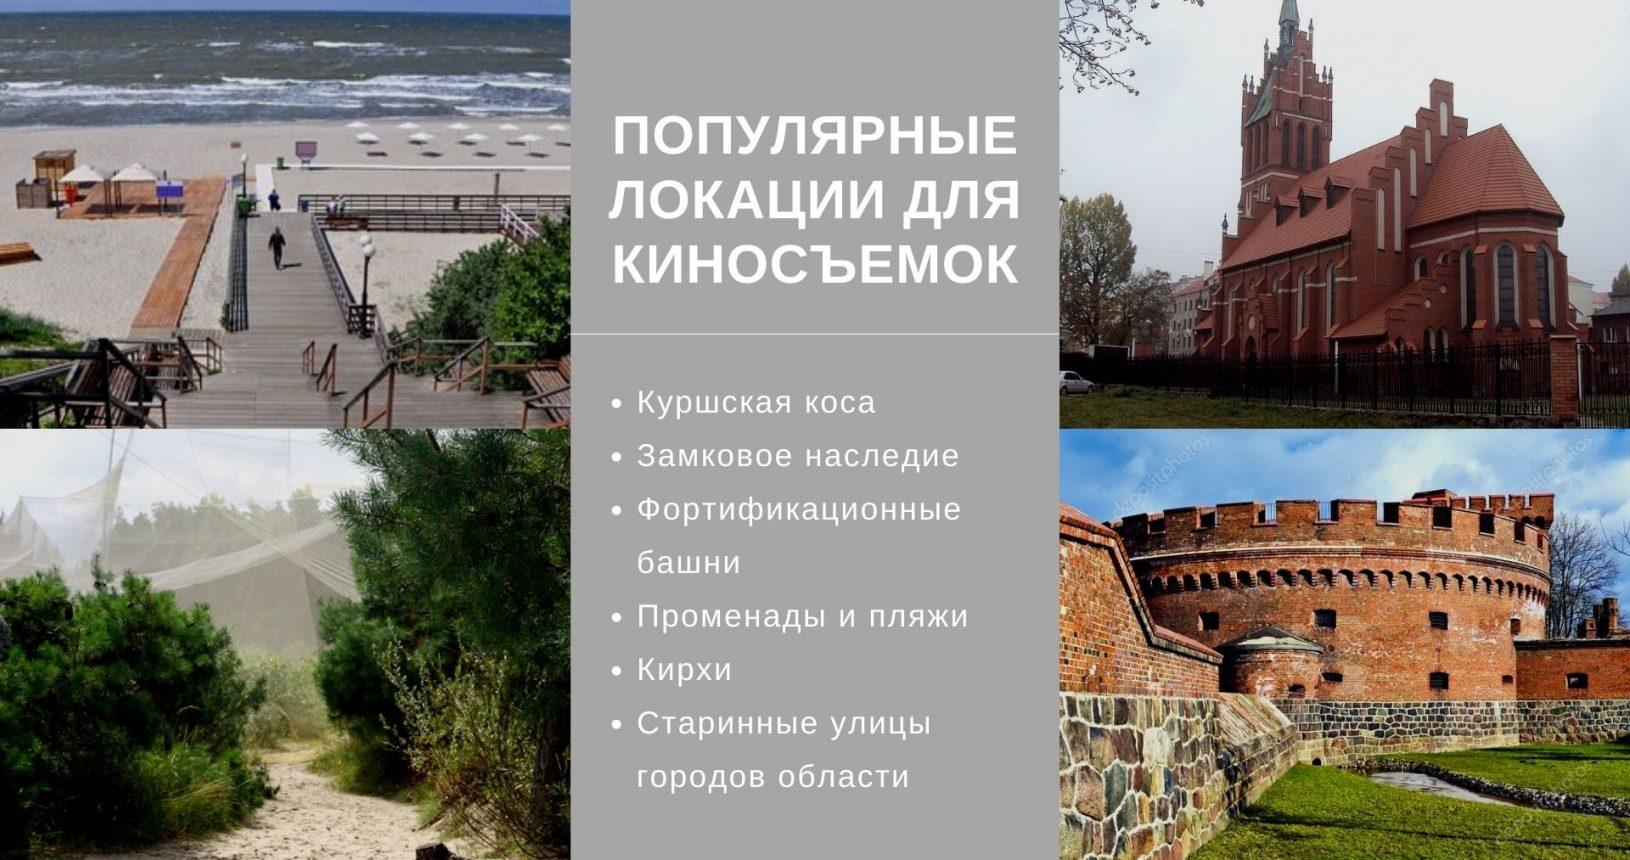 популярные локации калининградской области